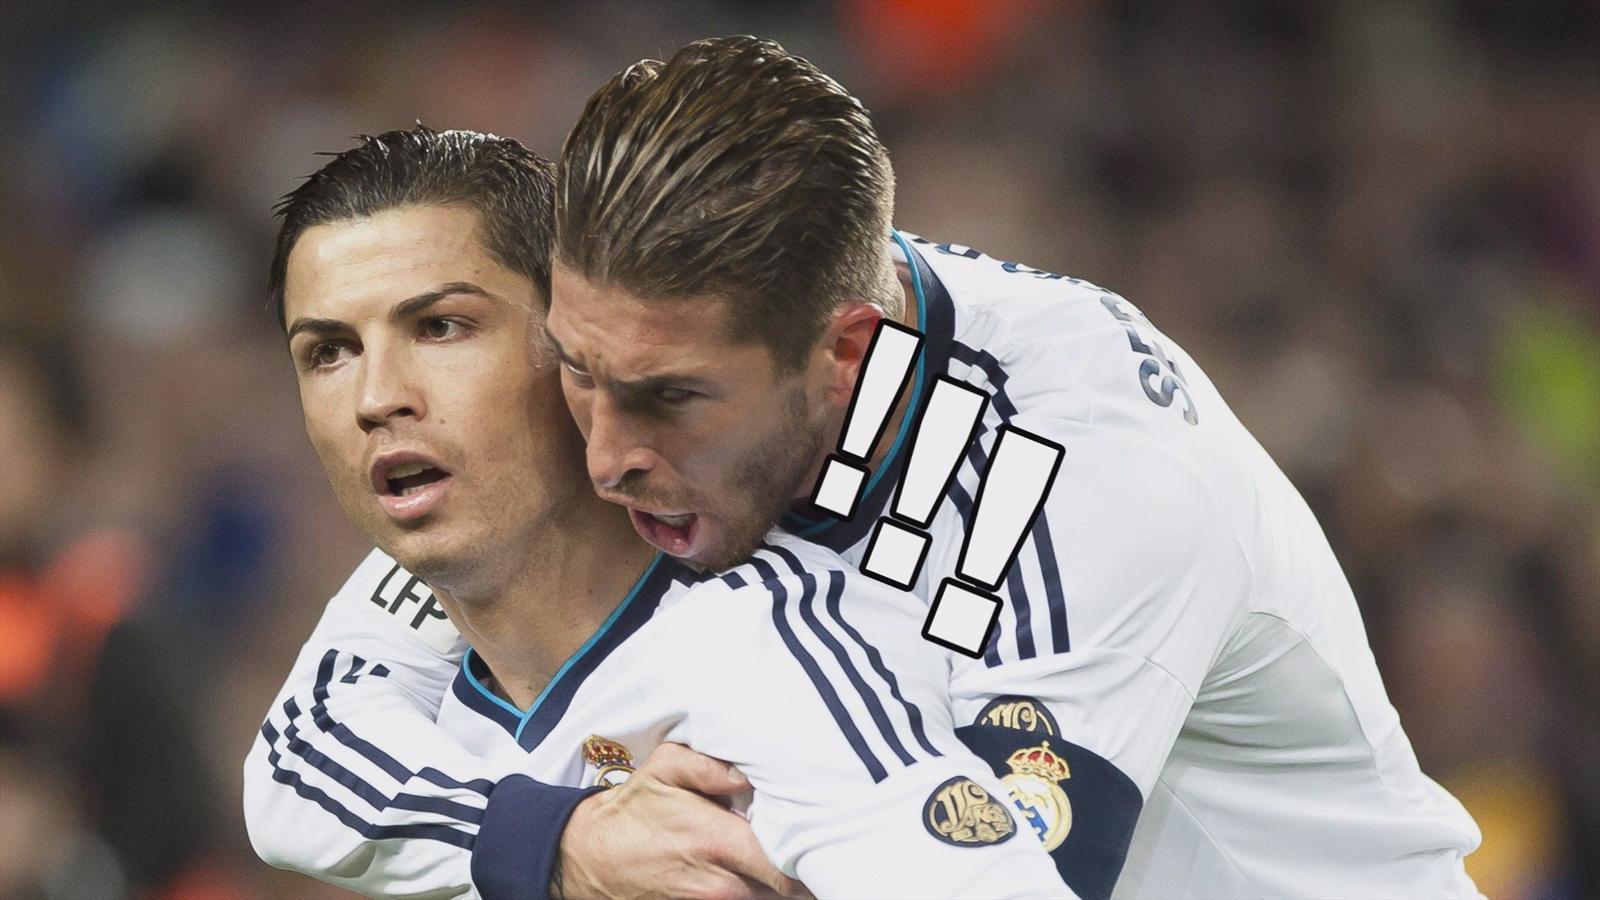 رونالدو يطلب من راموس البقاء.. ومانشستر يونايتد يقدم عرضا جديدا